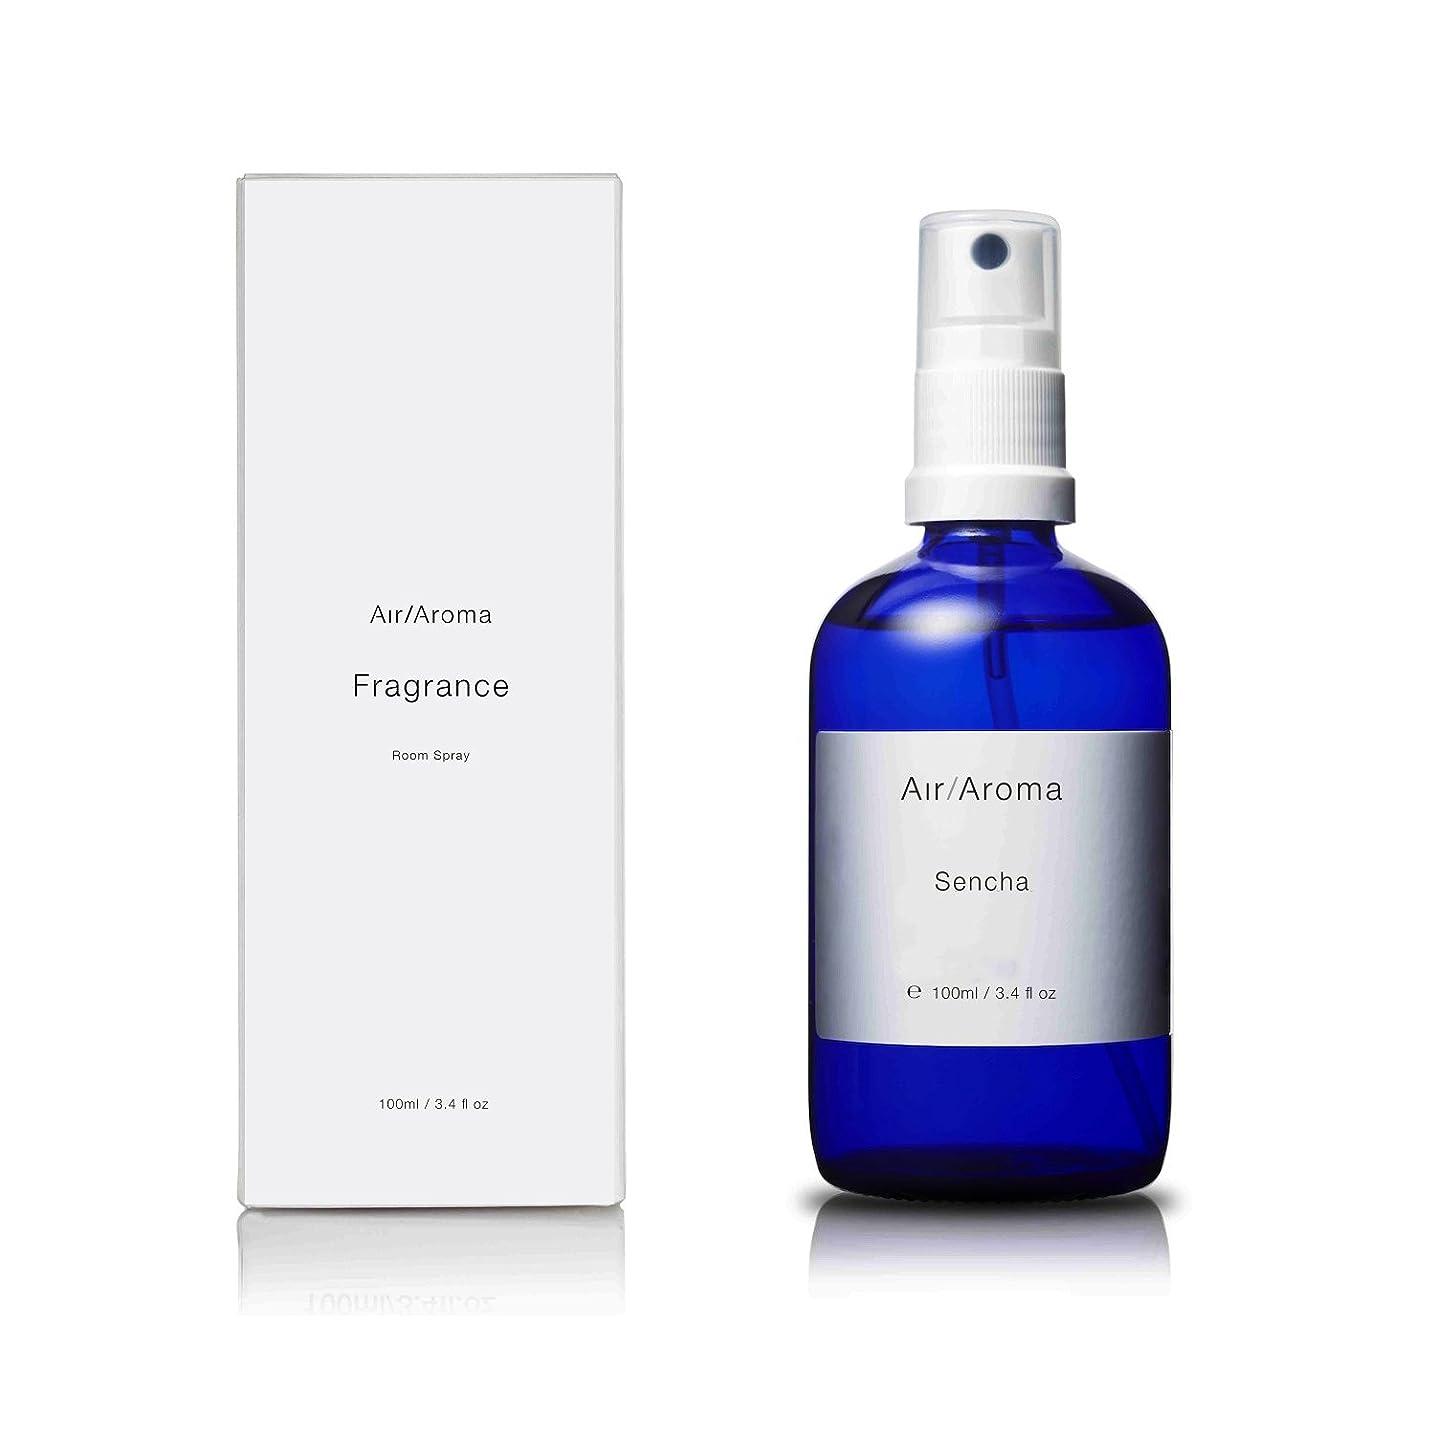 和解する地理フォアマンエアアロマ sencha room fragrance(センチャ ルームフレグランス)100ml